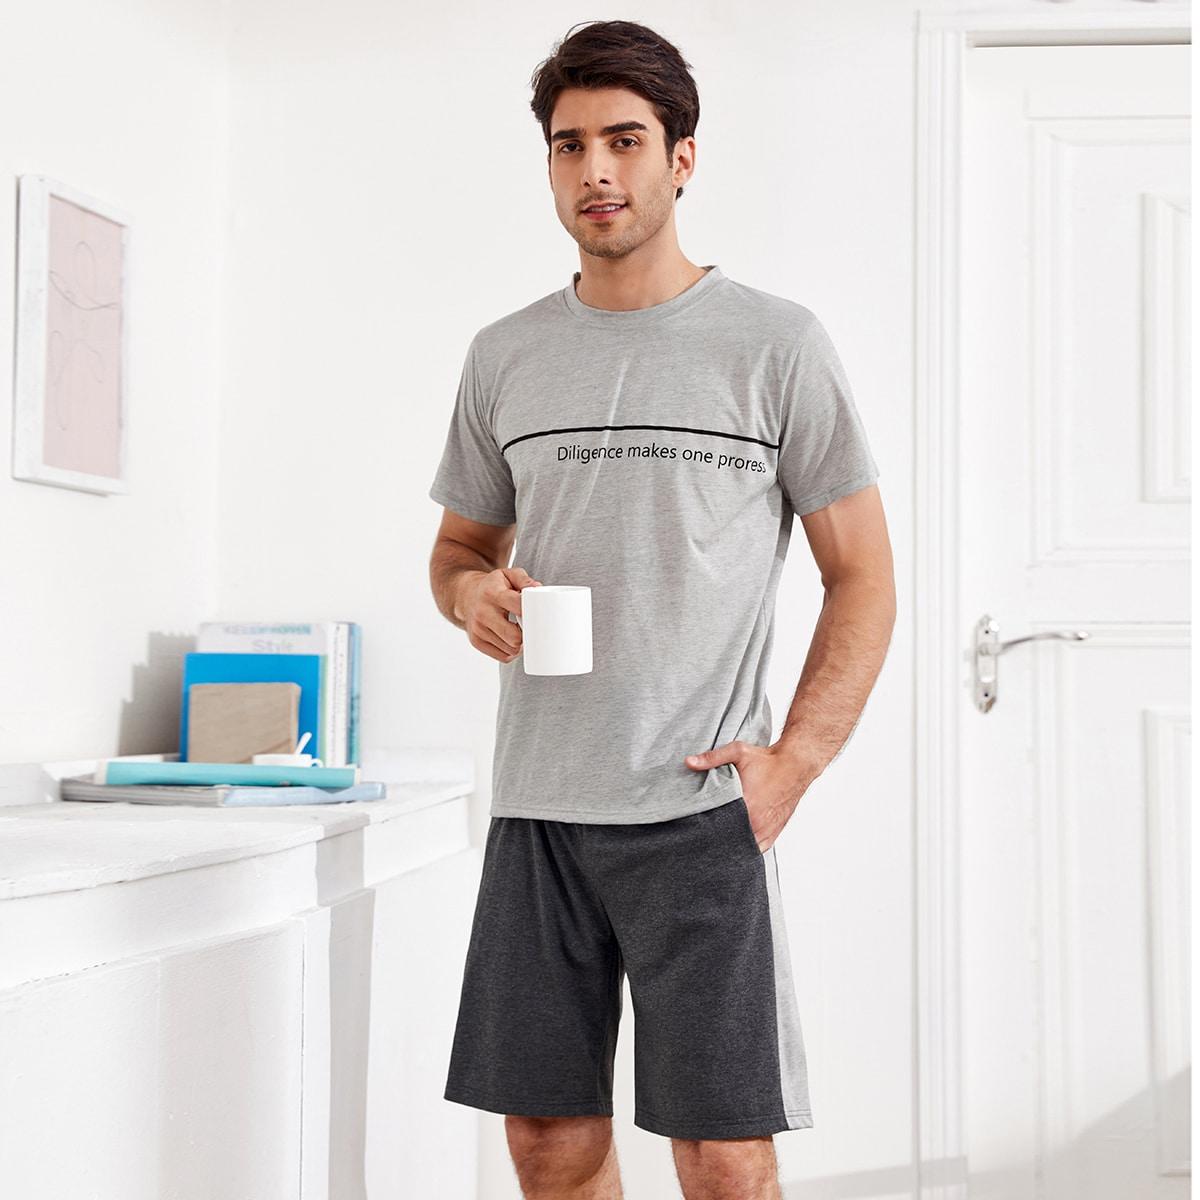 Мужская пижама с текстовым принтом по цене 1 160